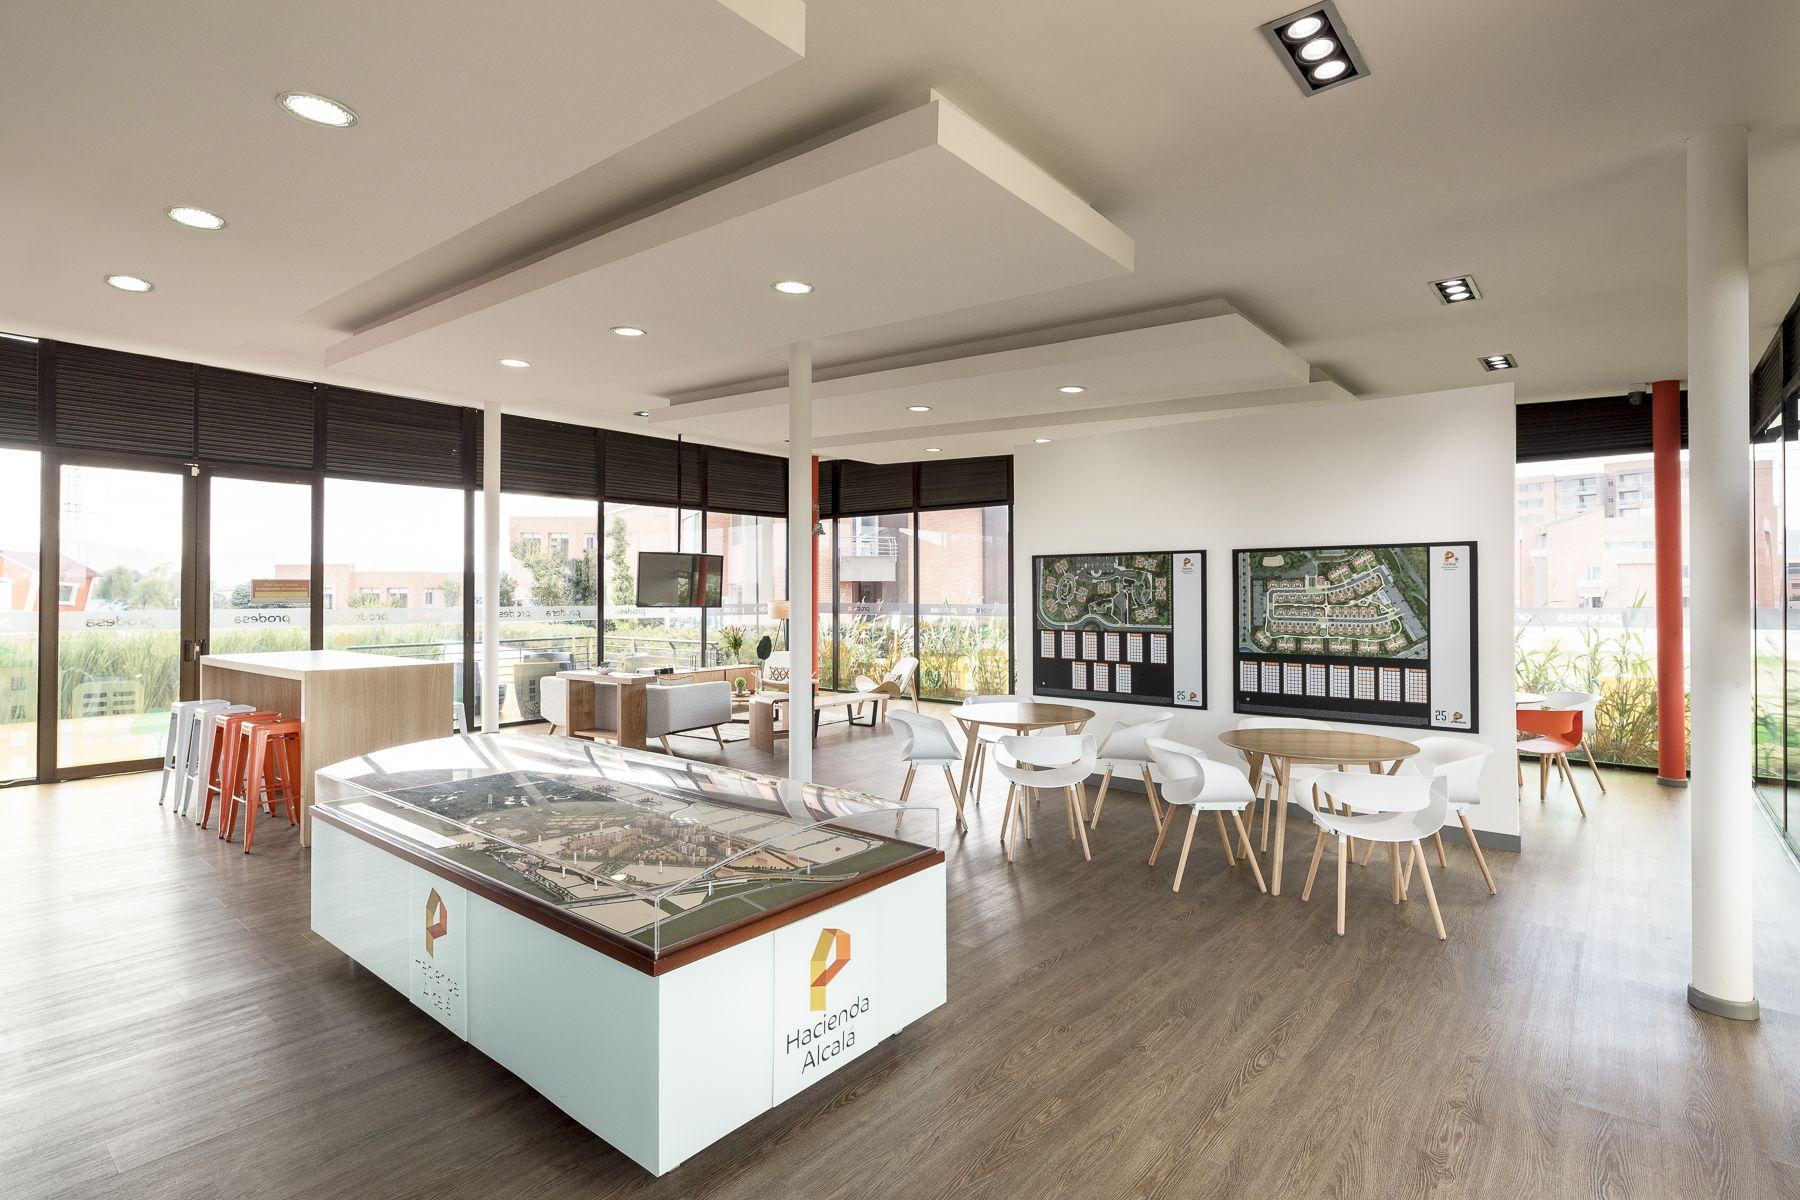 Sala de ventas de prodesa en bogot un proyecto de decoraci n realizado por arquitectura e - Proyecto de decoracion de interiores ...